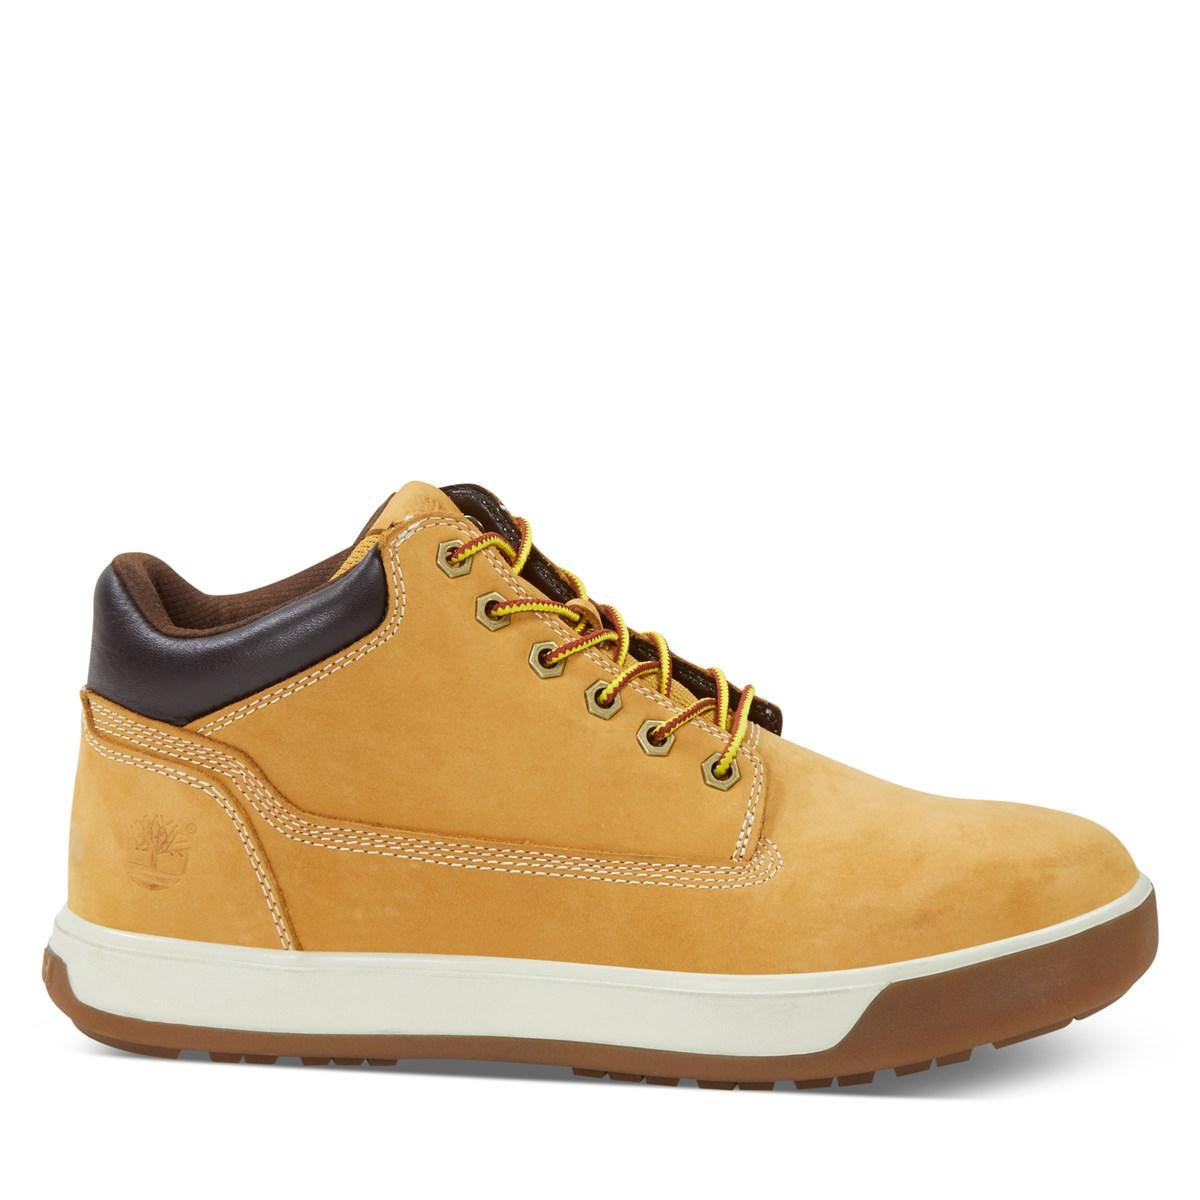 Men's Tenmile Chukka Boots in Beige